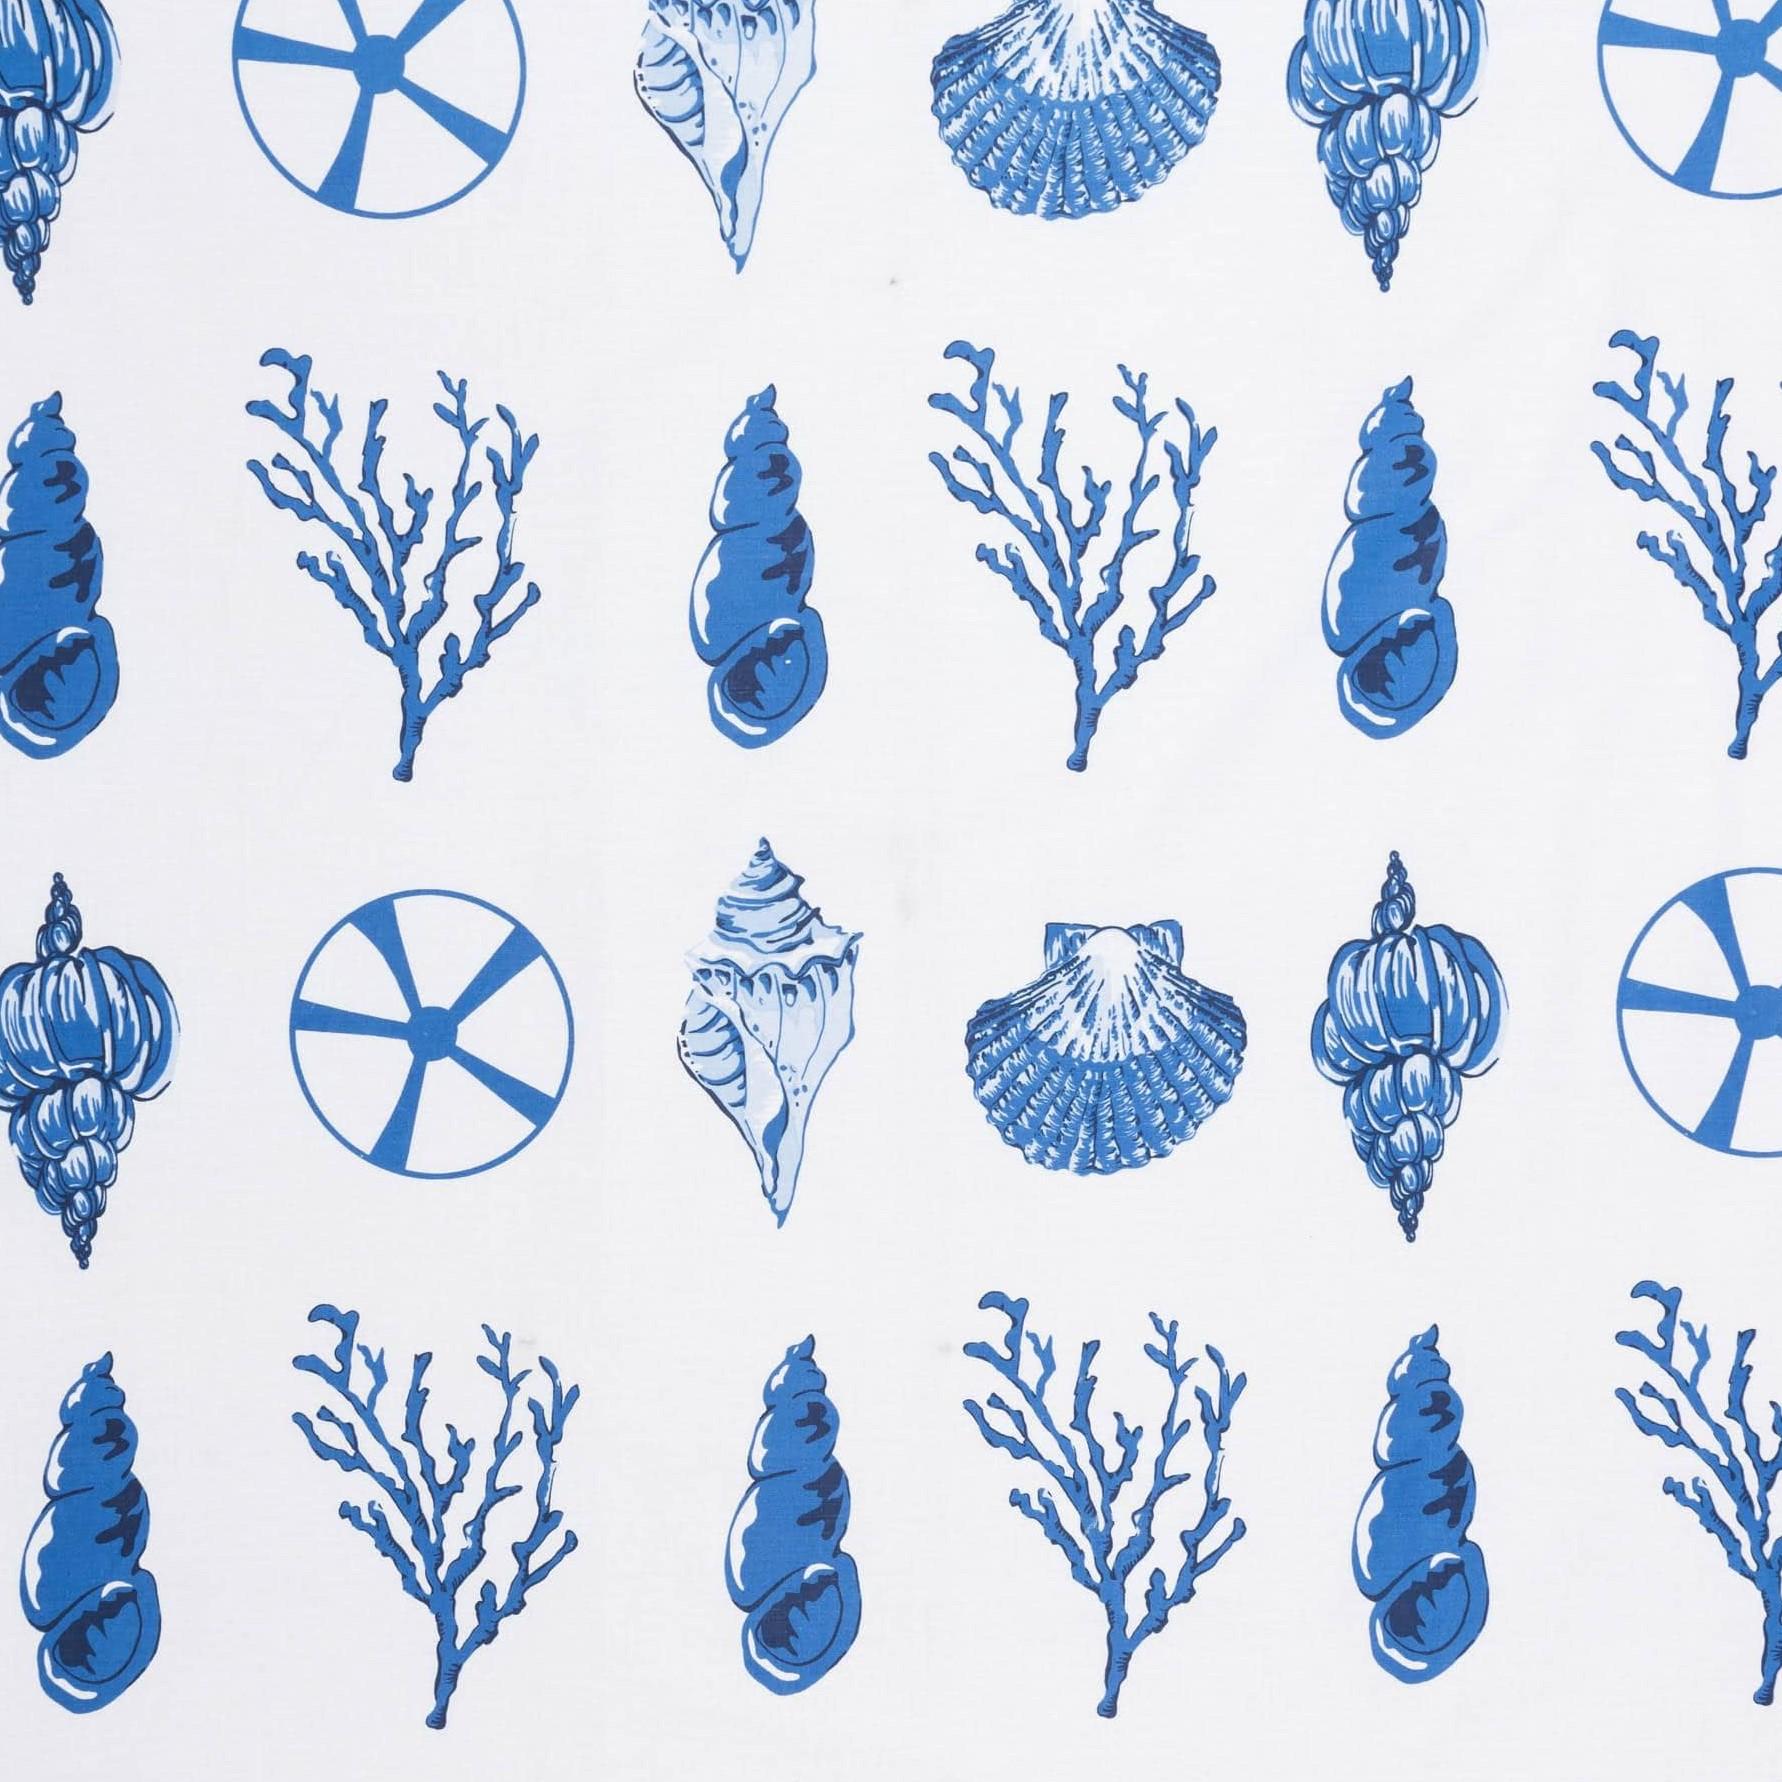 Бязь набивная голд Подводный мир, размер 50х70 см, хлопок 52%, полиэстер 48%, плотность 120